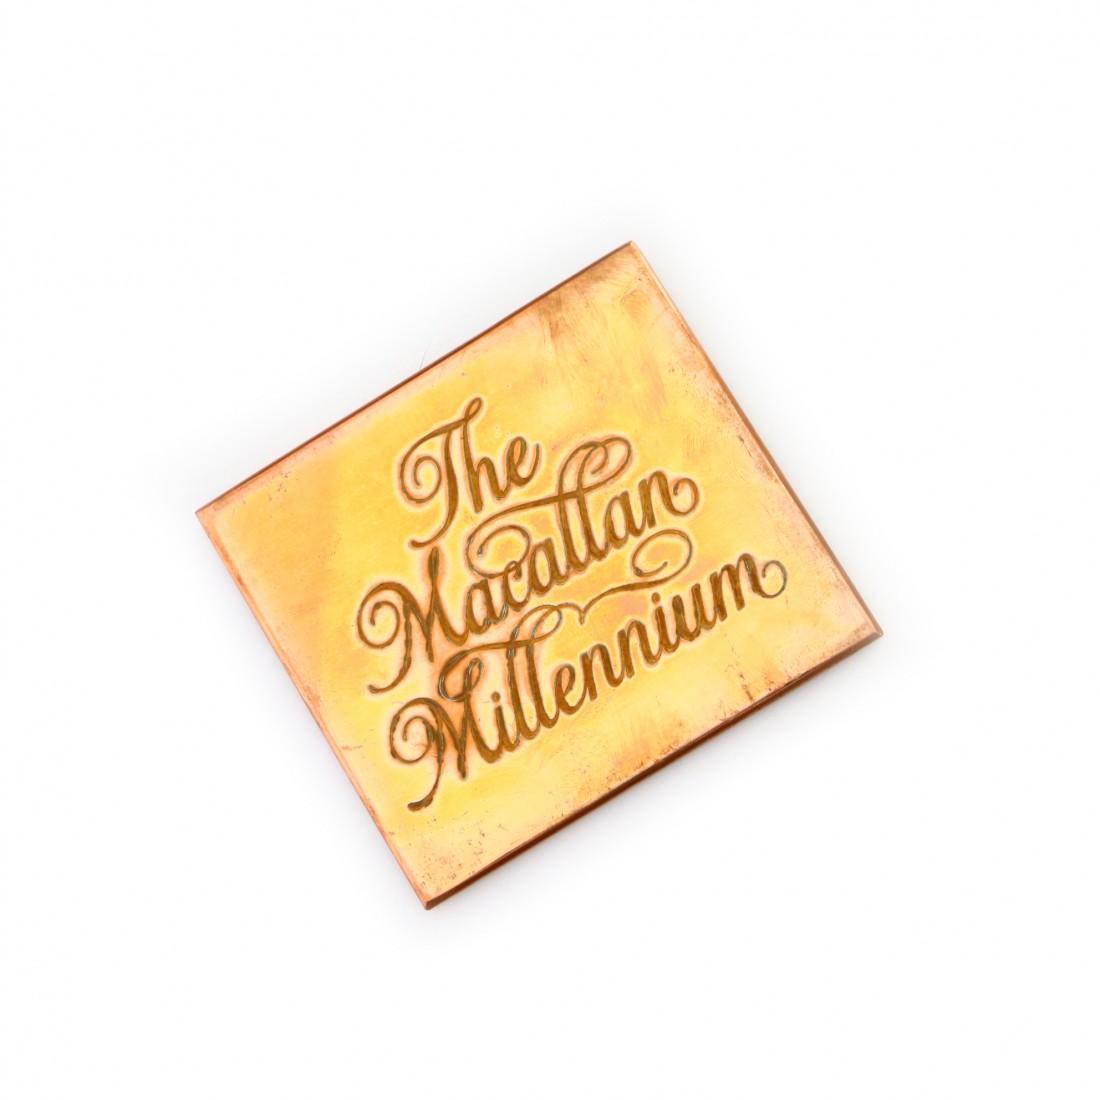 *Macallan 1949 Millennium Decanter 50 Year Old